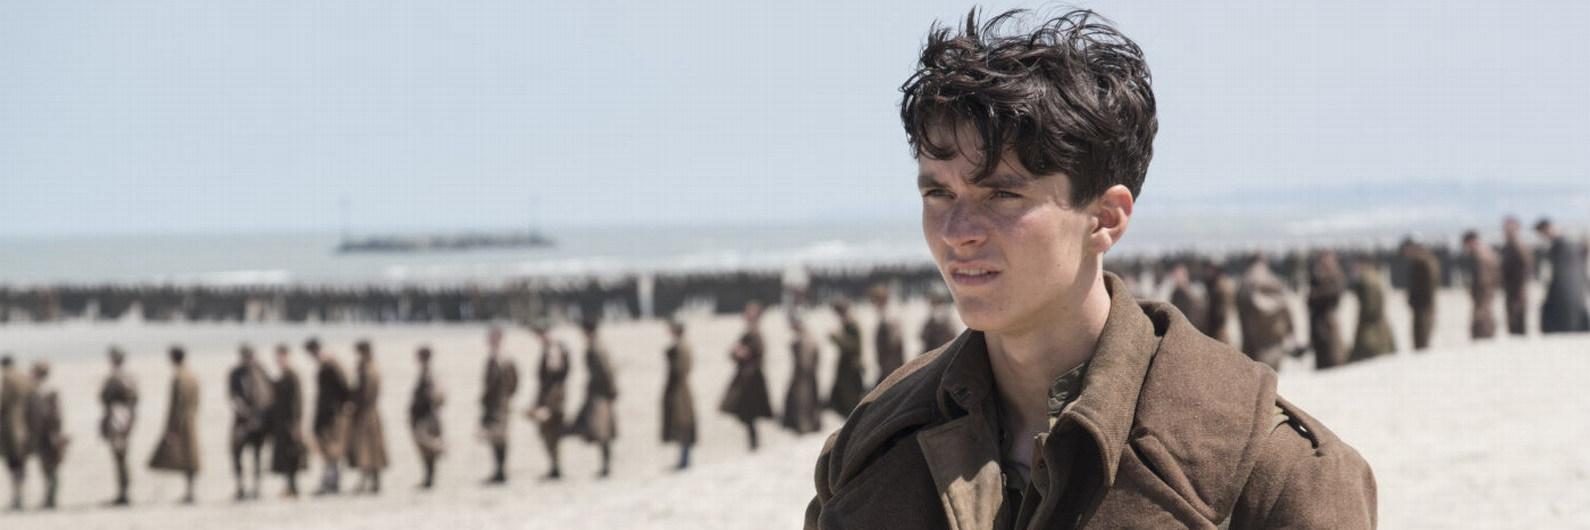 """""""Dunkirk"""": Filme de guerra de Christopher Nolan é um sucesso nas bilheteiras"""